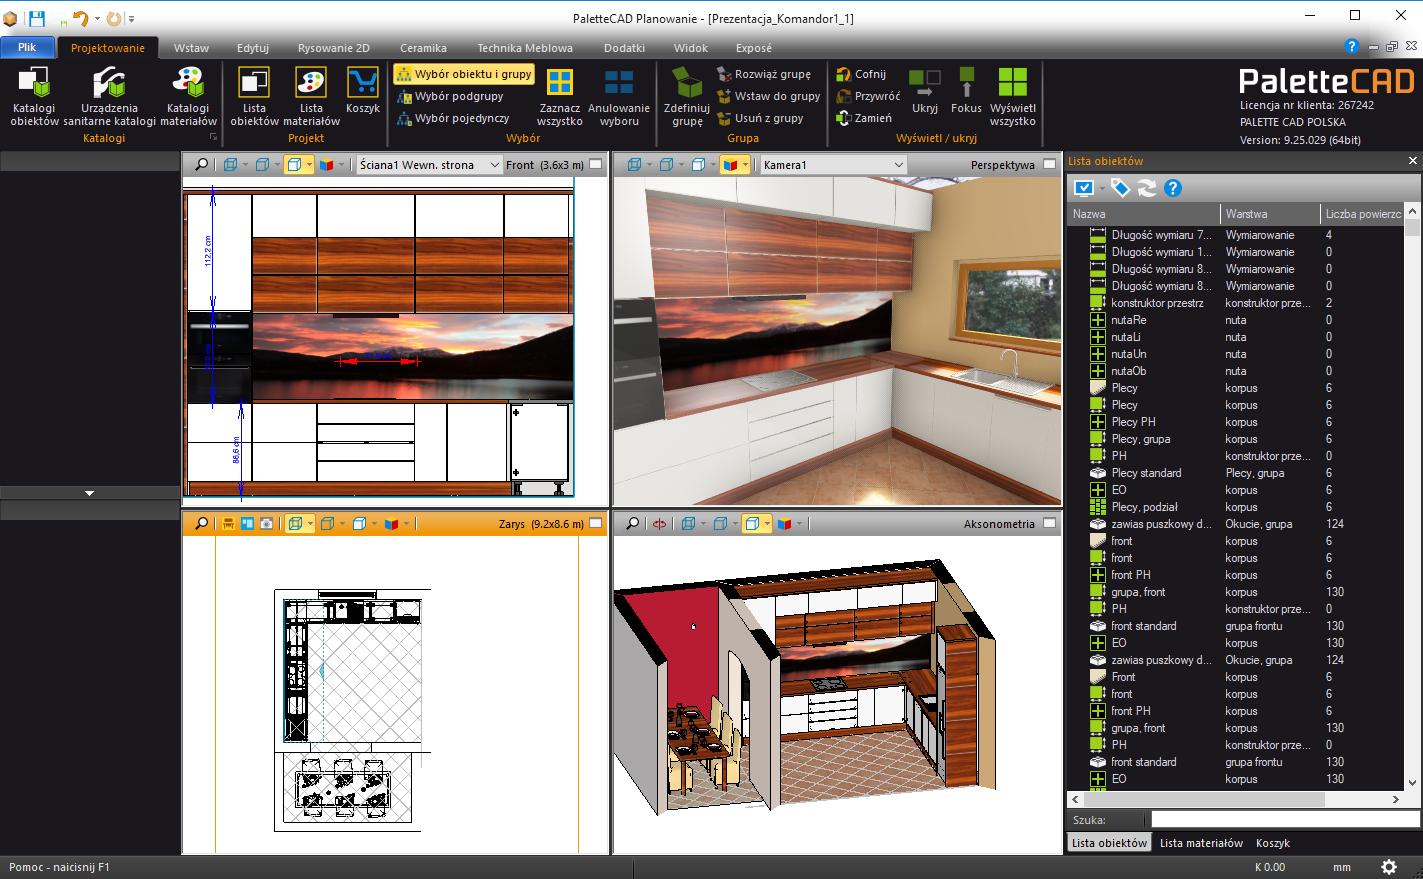 Kuchnia wykonana w paletteCAD program do projektowania mebli oprogramowanie do projektowania mebli